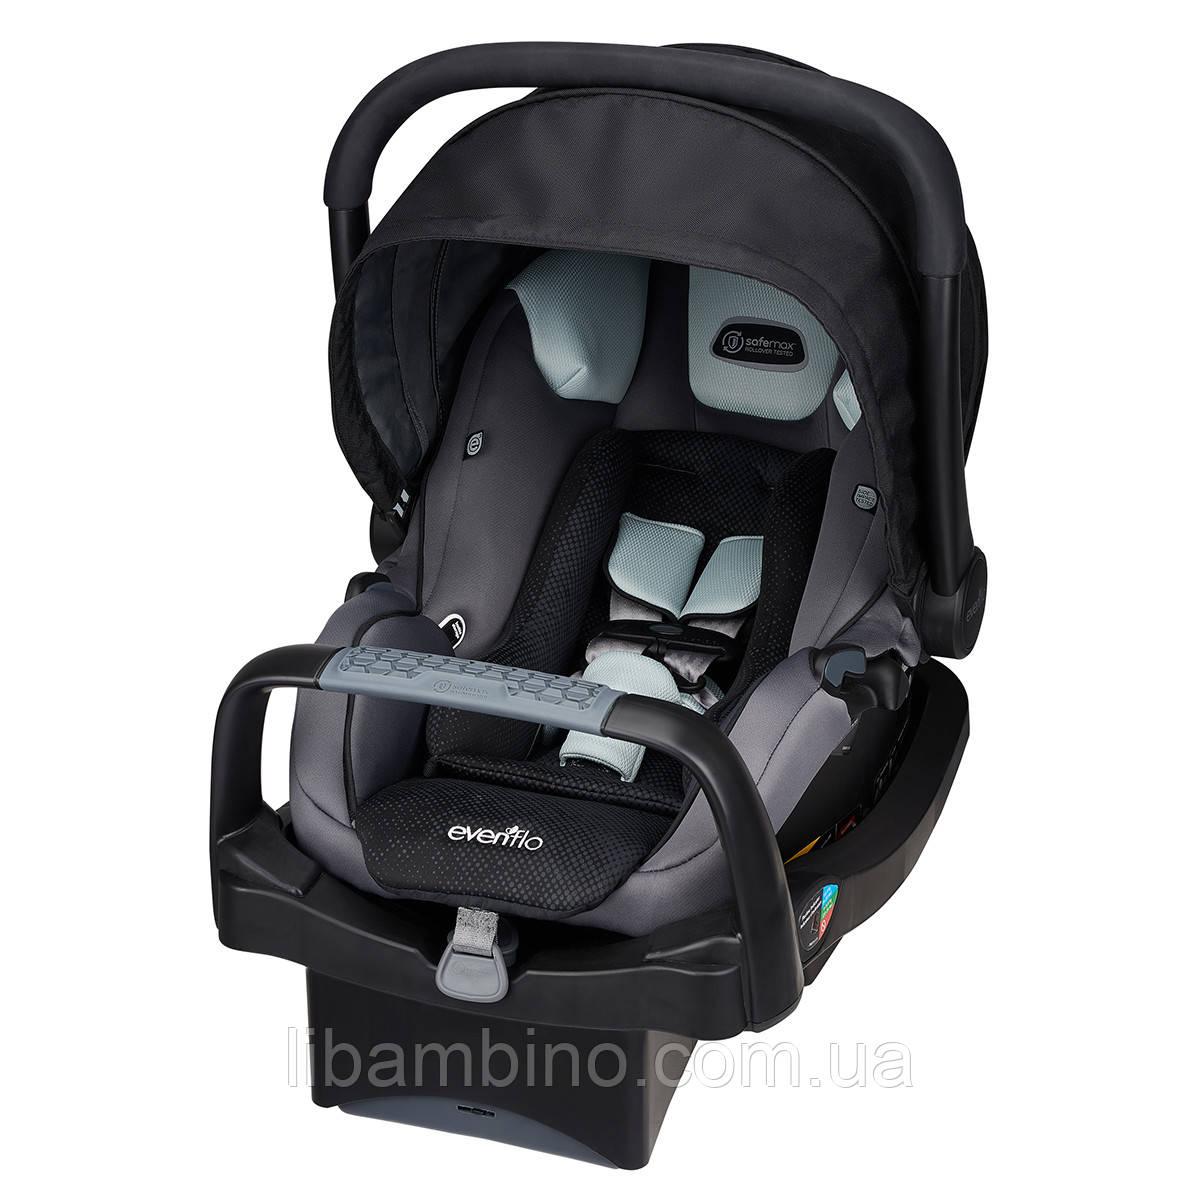 Дитяче універсальне автокрісло Evenflo SafeMax Infant Car Seat колір - Shiloh (група від 1,8 до 15,8 кг)